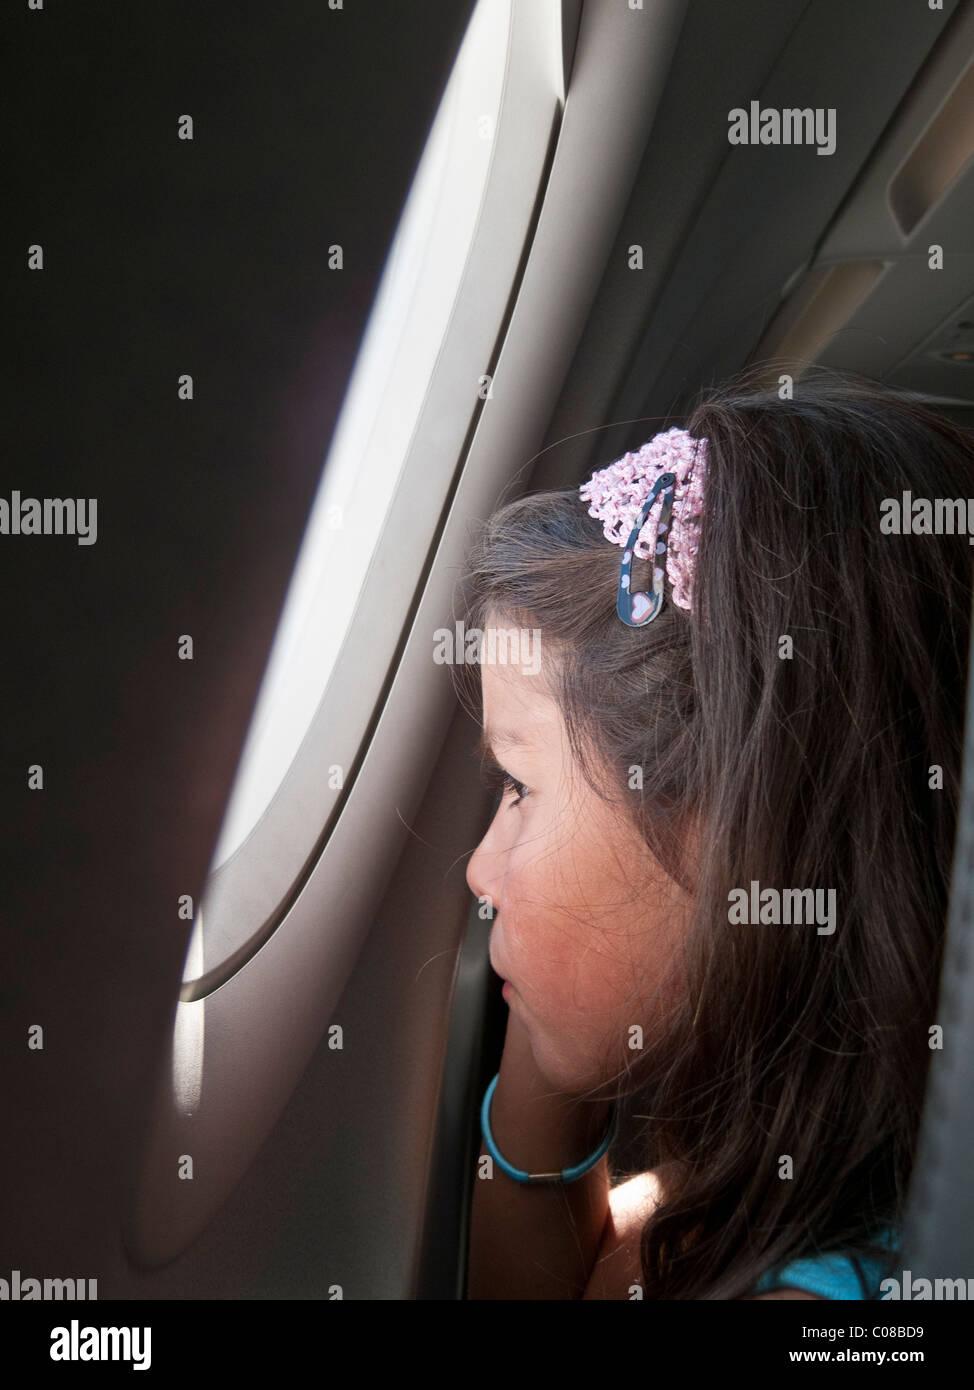 Niño en un avión, mirando por la ventana Foto de stock